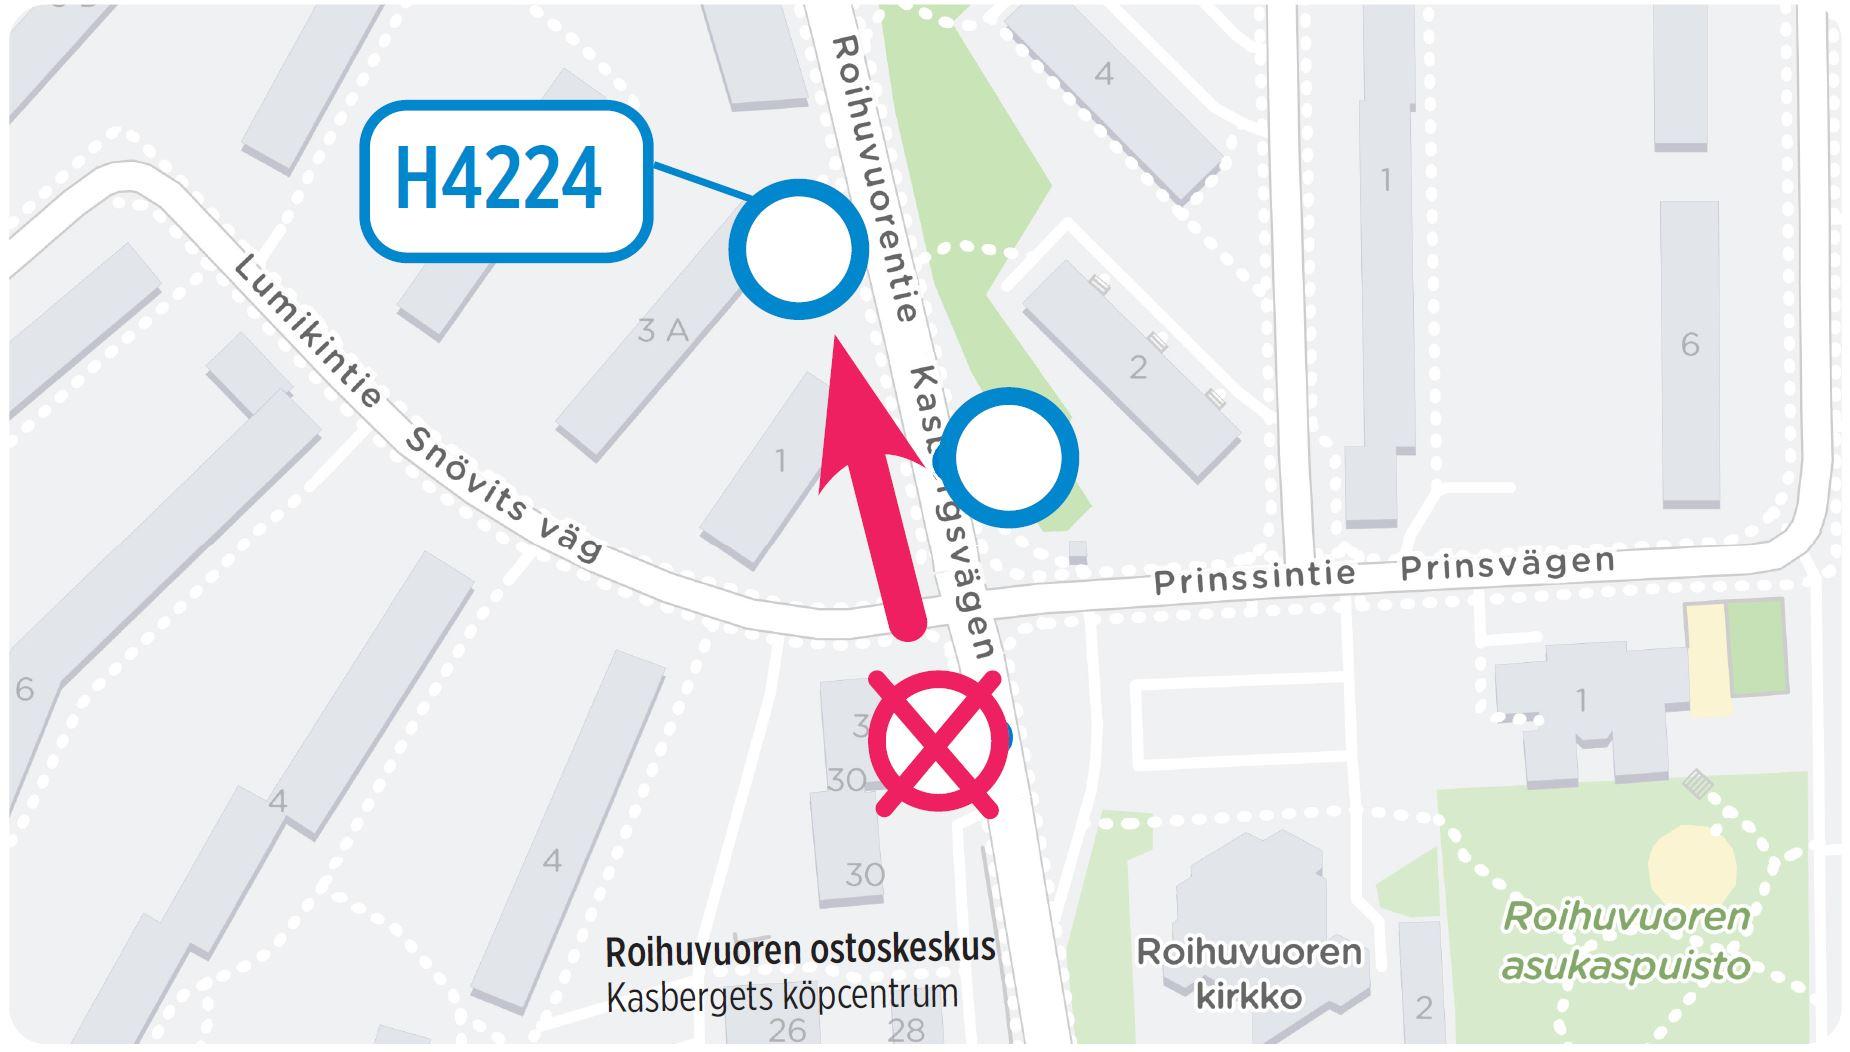 Pysäkki H4224 uusi sijainti Roihuvuorentiellä kartalla